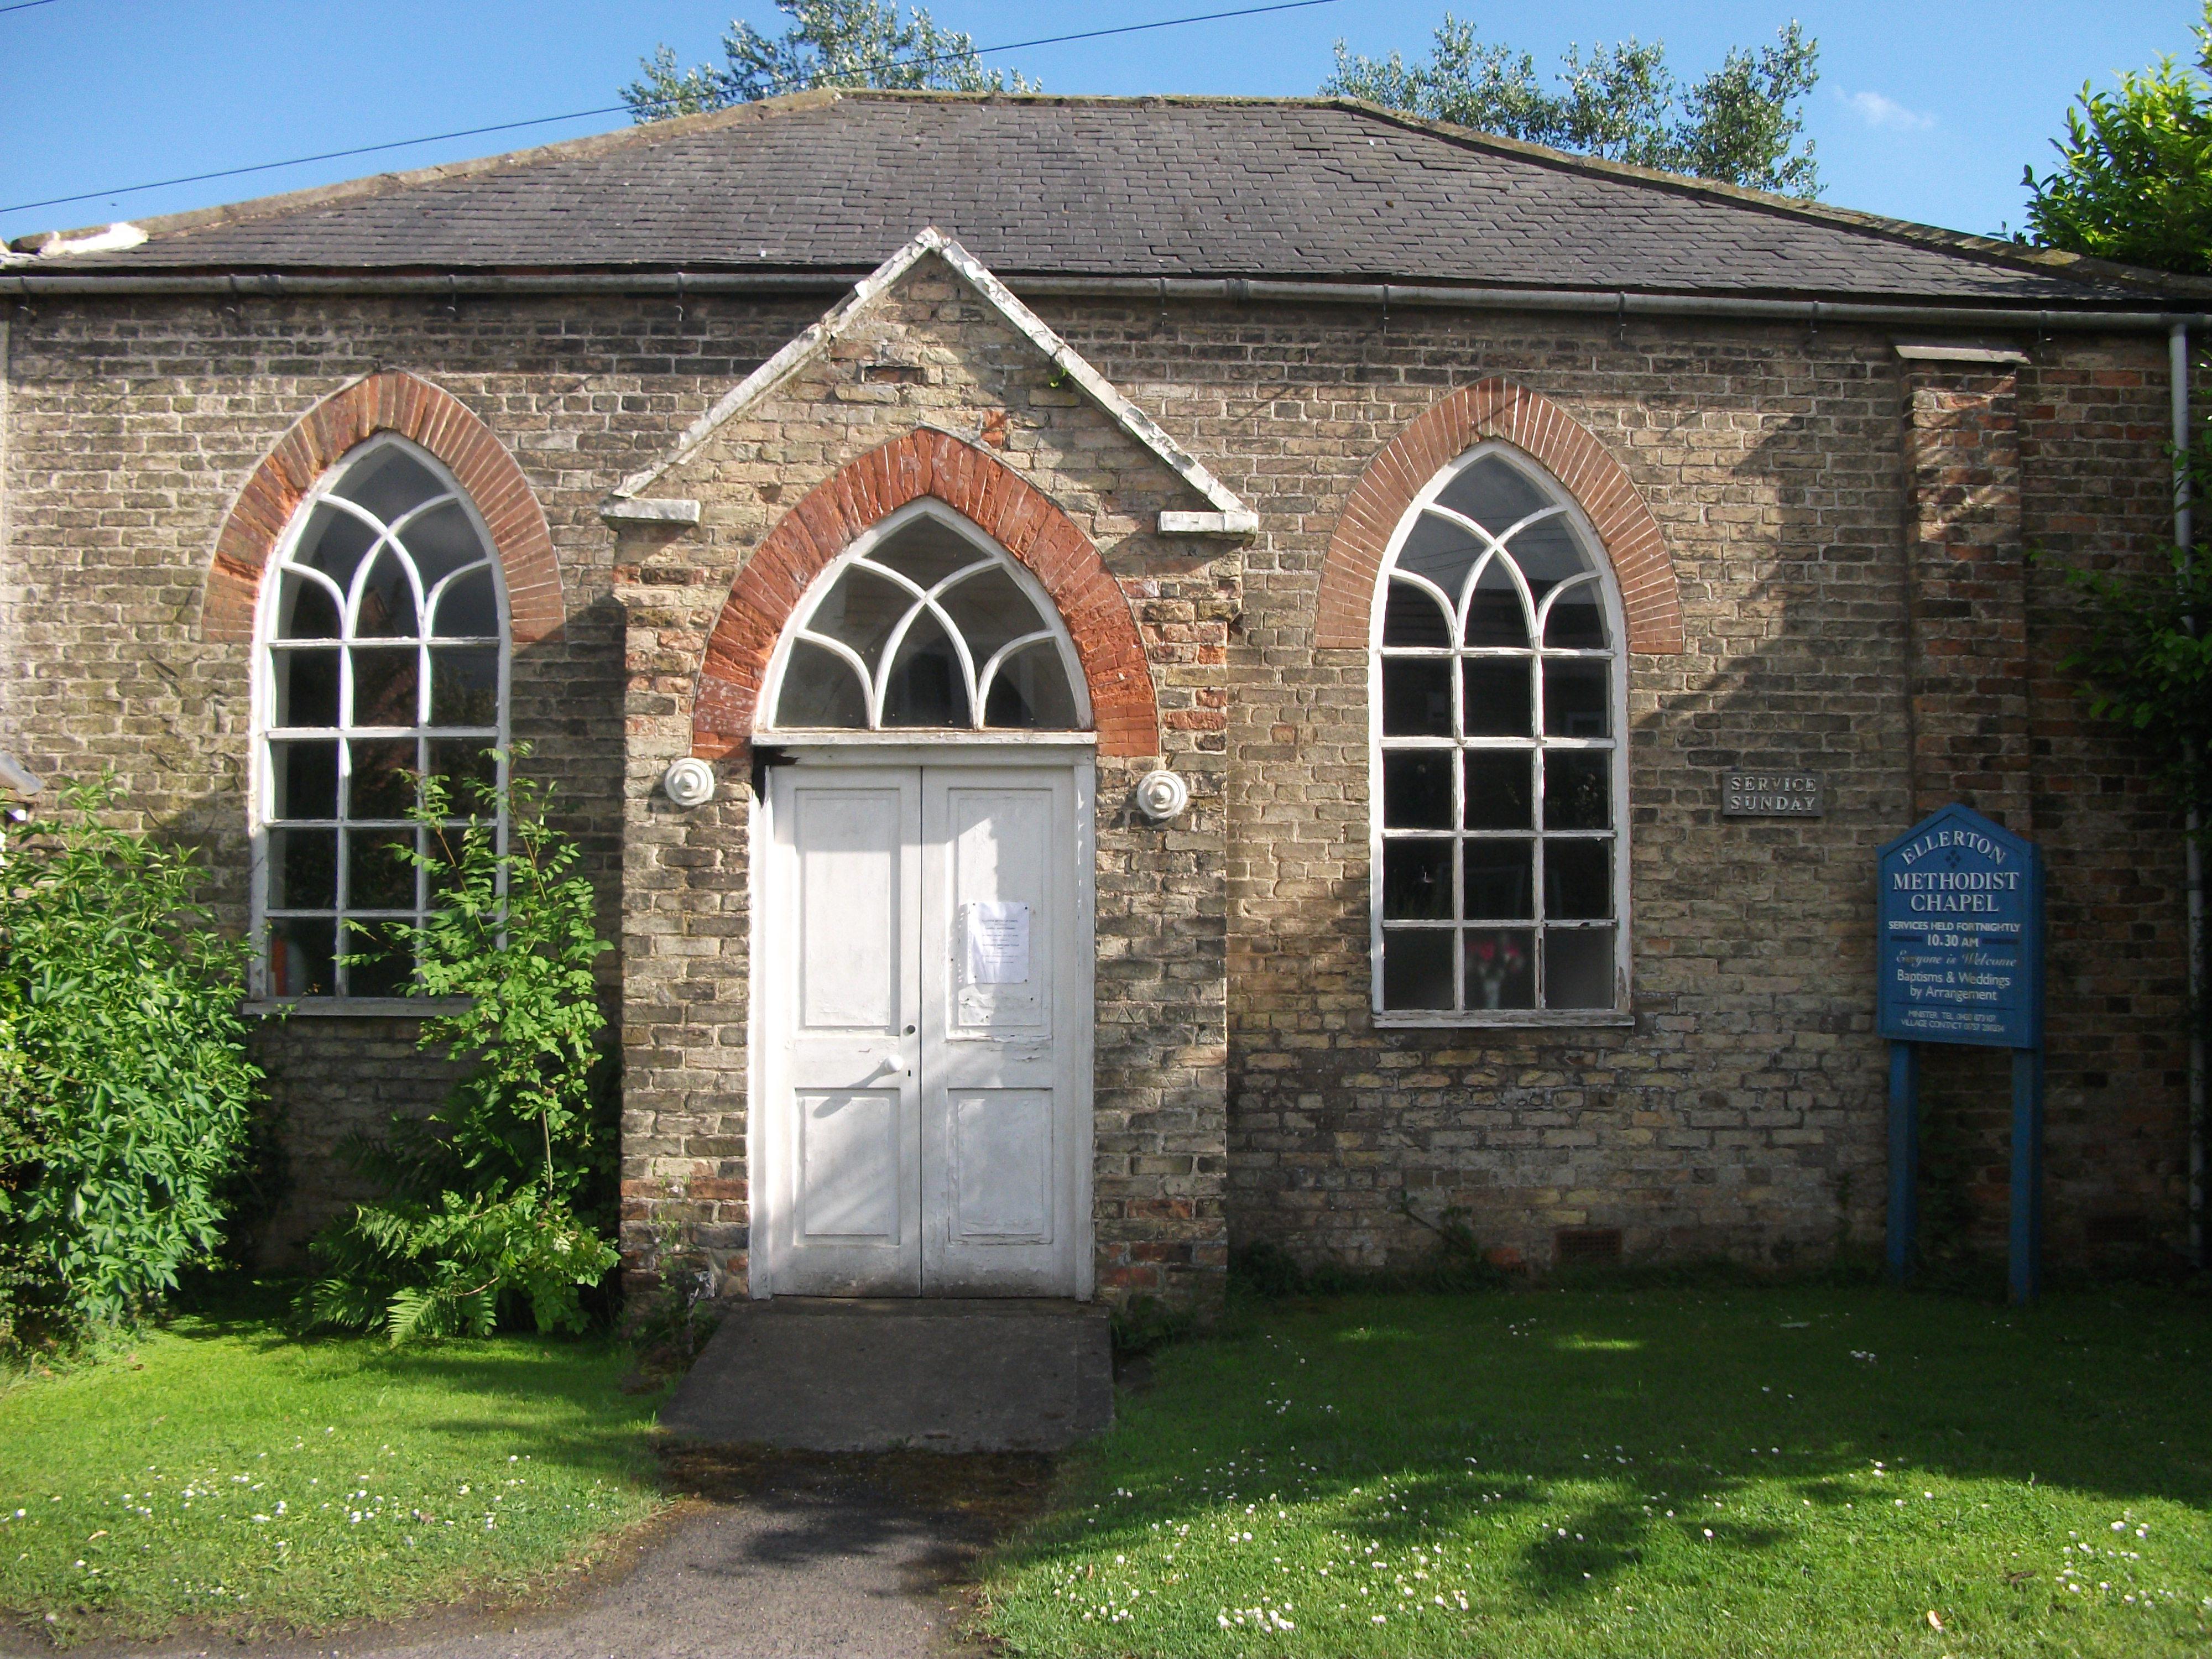 The Chapels Society